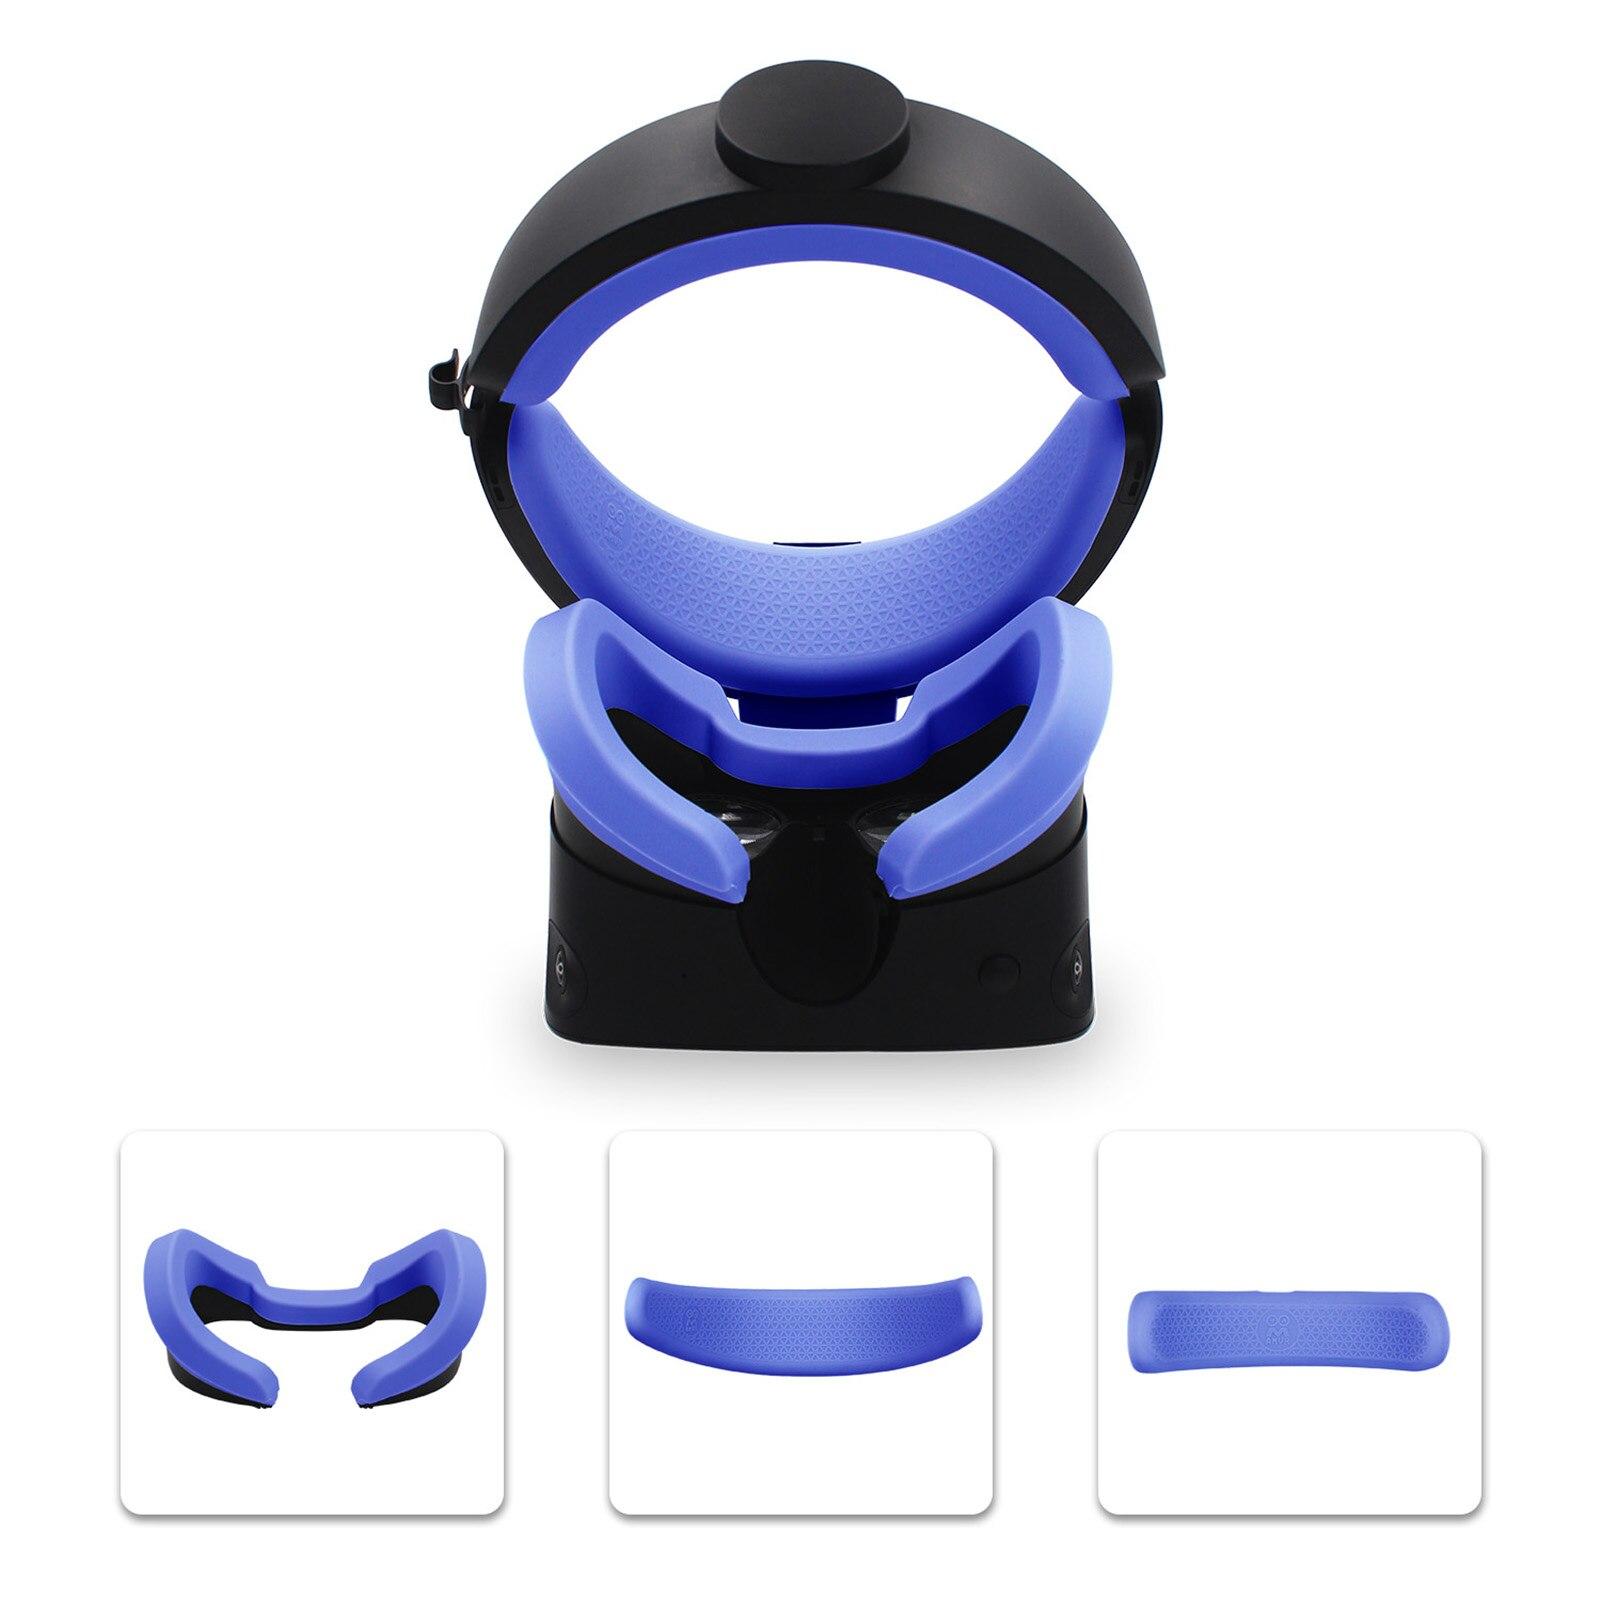 Novo 3 in1 vr face pad & frente traseira espuma silicone capas para oculus rift s vr óculos máscara de olho rosto da pele rift s acessórios